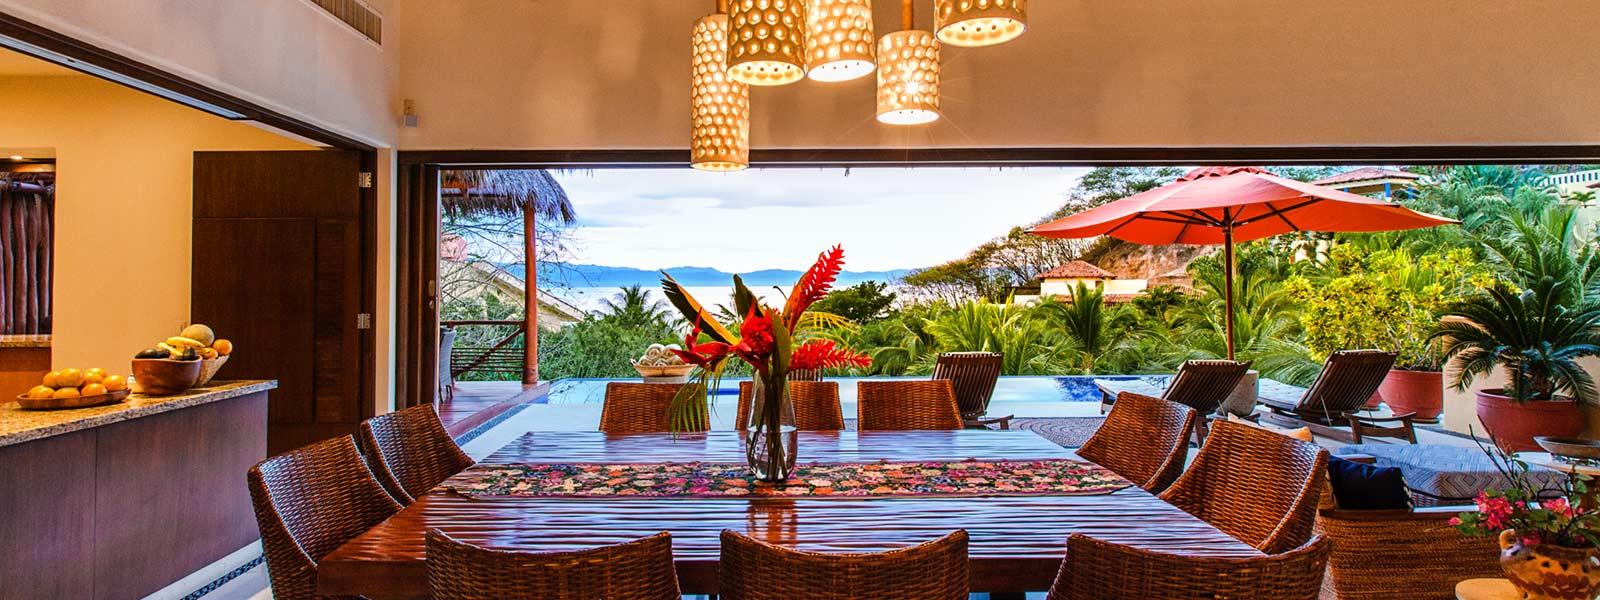 Villa Real del Mar 1 - Luxury Punta de Mita Real Estate and Vacation Rentals